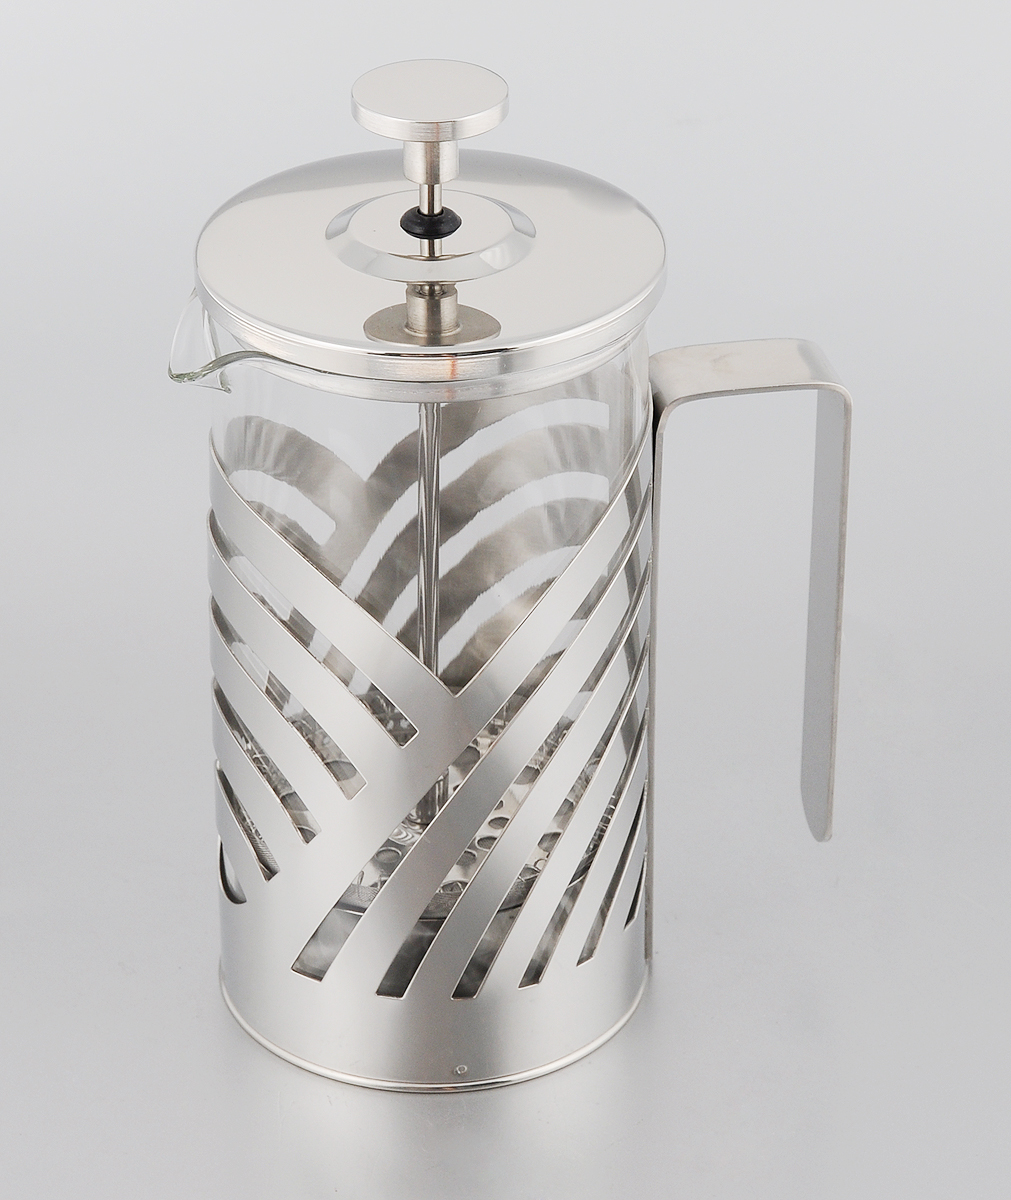 Френч-пресс Mayer & Boch, 600 мл. 2322123221Френч-пресс Mayer & Boch позволит быстро и просто приготовить свежий и ароматный чай или кофе. Корпус изготовлен из высококачественного жаропрочного боросиликатного стекла, устойчивого к окрашиванию, царапинам и термошоку. Фильтр-поршень из нержавеющей стали выполнен по технологии press-up для обеспечения равномерной циркуляции воды. Готовить напитки с помощью френч-пресса очень просто. Насыпьте внутрь заварку и залейте кипятком. Остановить процесс заваривания легко. Для этого нужно просто опустить поршень, и заварка уйдет вниз, оставляя вверху напиток, готовый к употреблению. Заварочный чайник с прессом - это совершенный чайник для ежедневного использования. Практичный и стильный дизайн полностью соответствует последним модным тенденциям в создании предметов кухонной утвари.Диаметр: 9 см. Высота (с учетом крышки): 19,5 см.